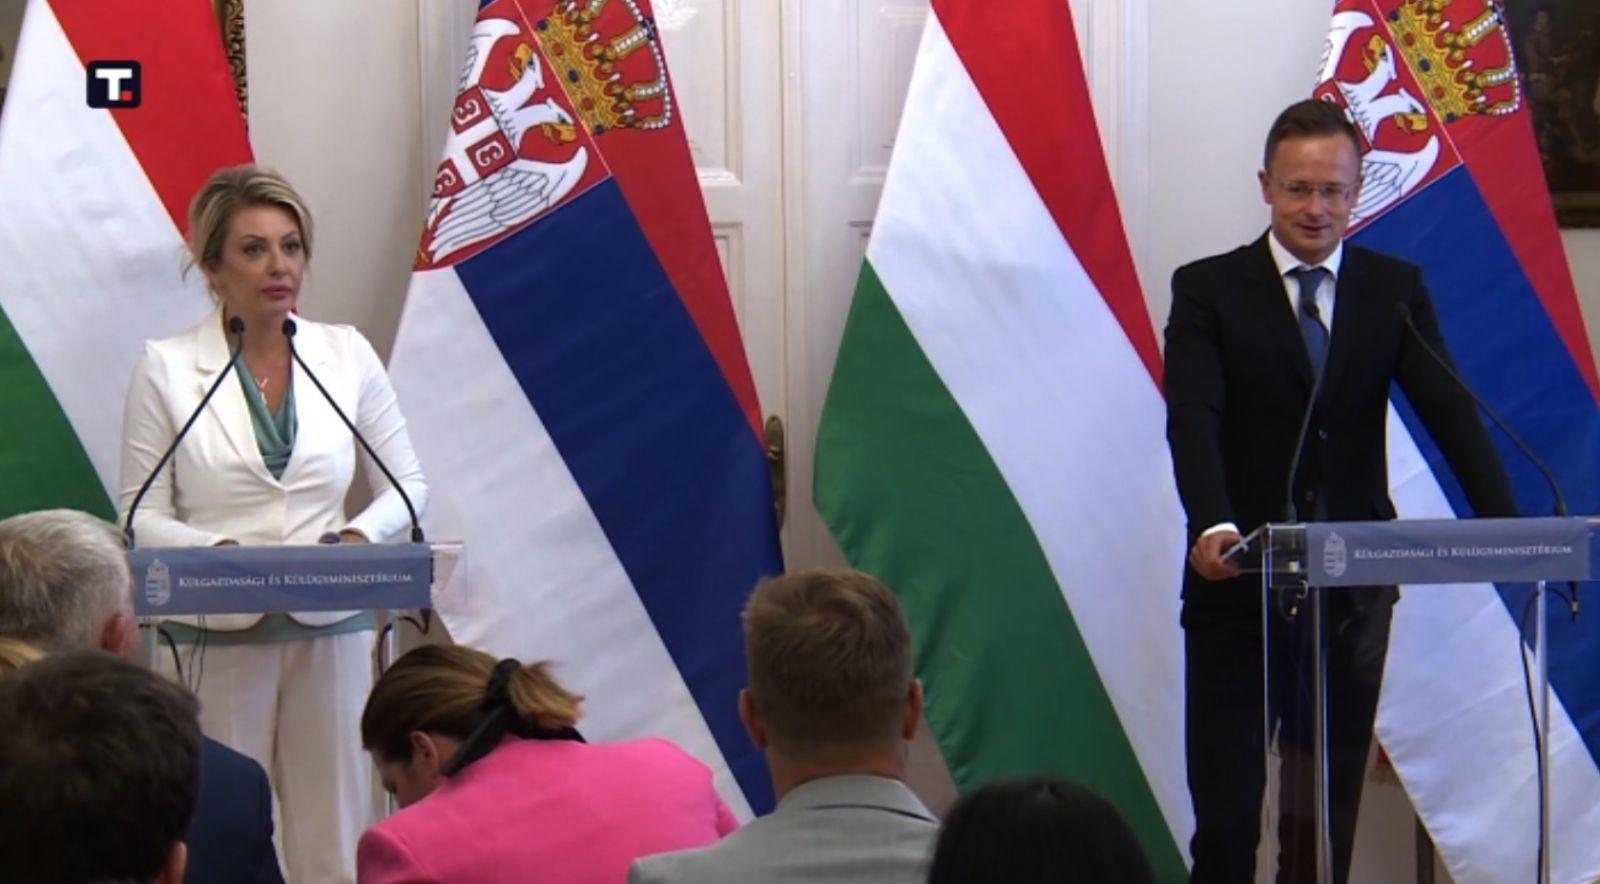 Ј. Јоксимовић: Мађарска жели јаку ЕУ, Сијарто: Нема јаке ЕУ без Србије